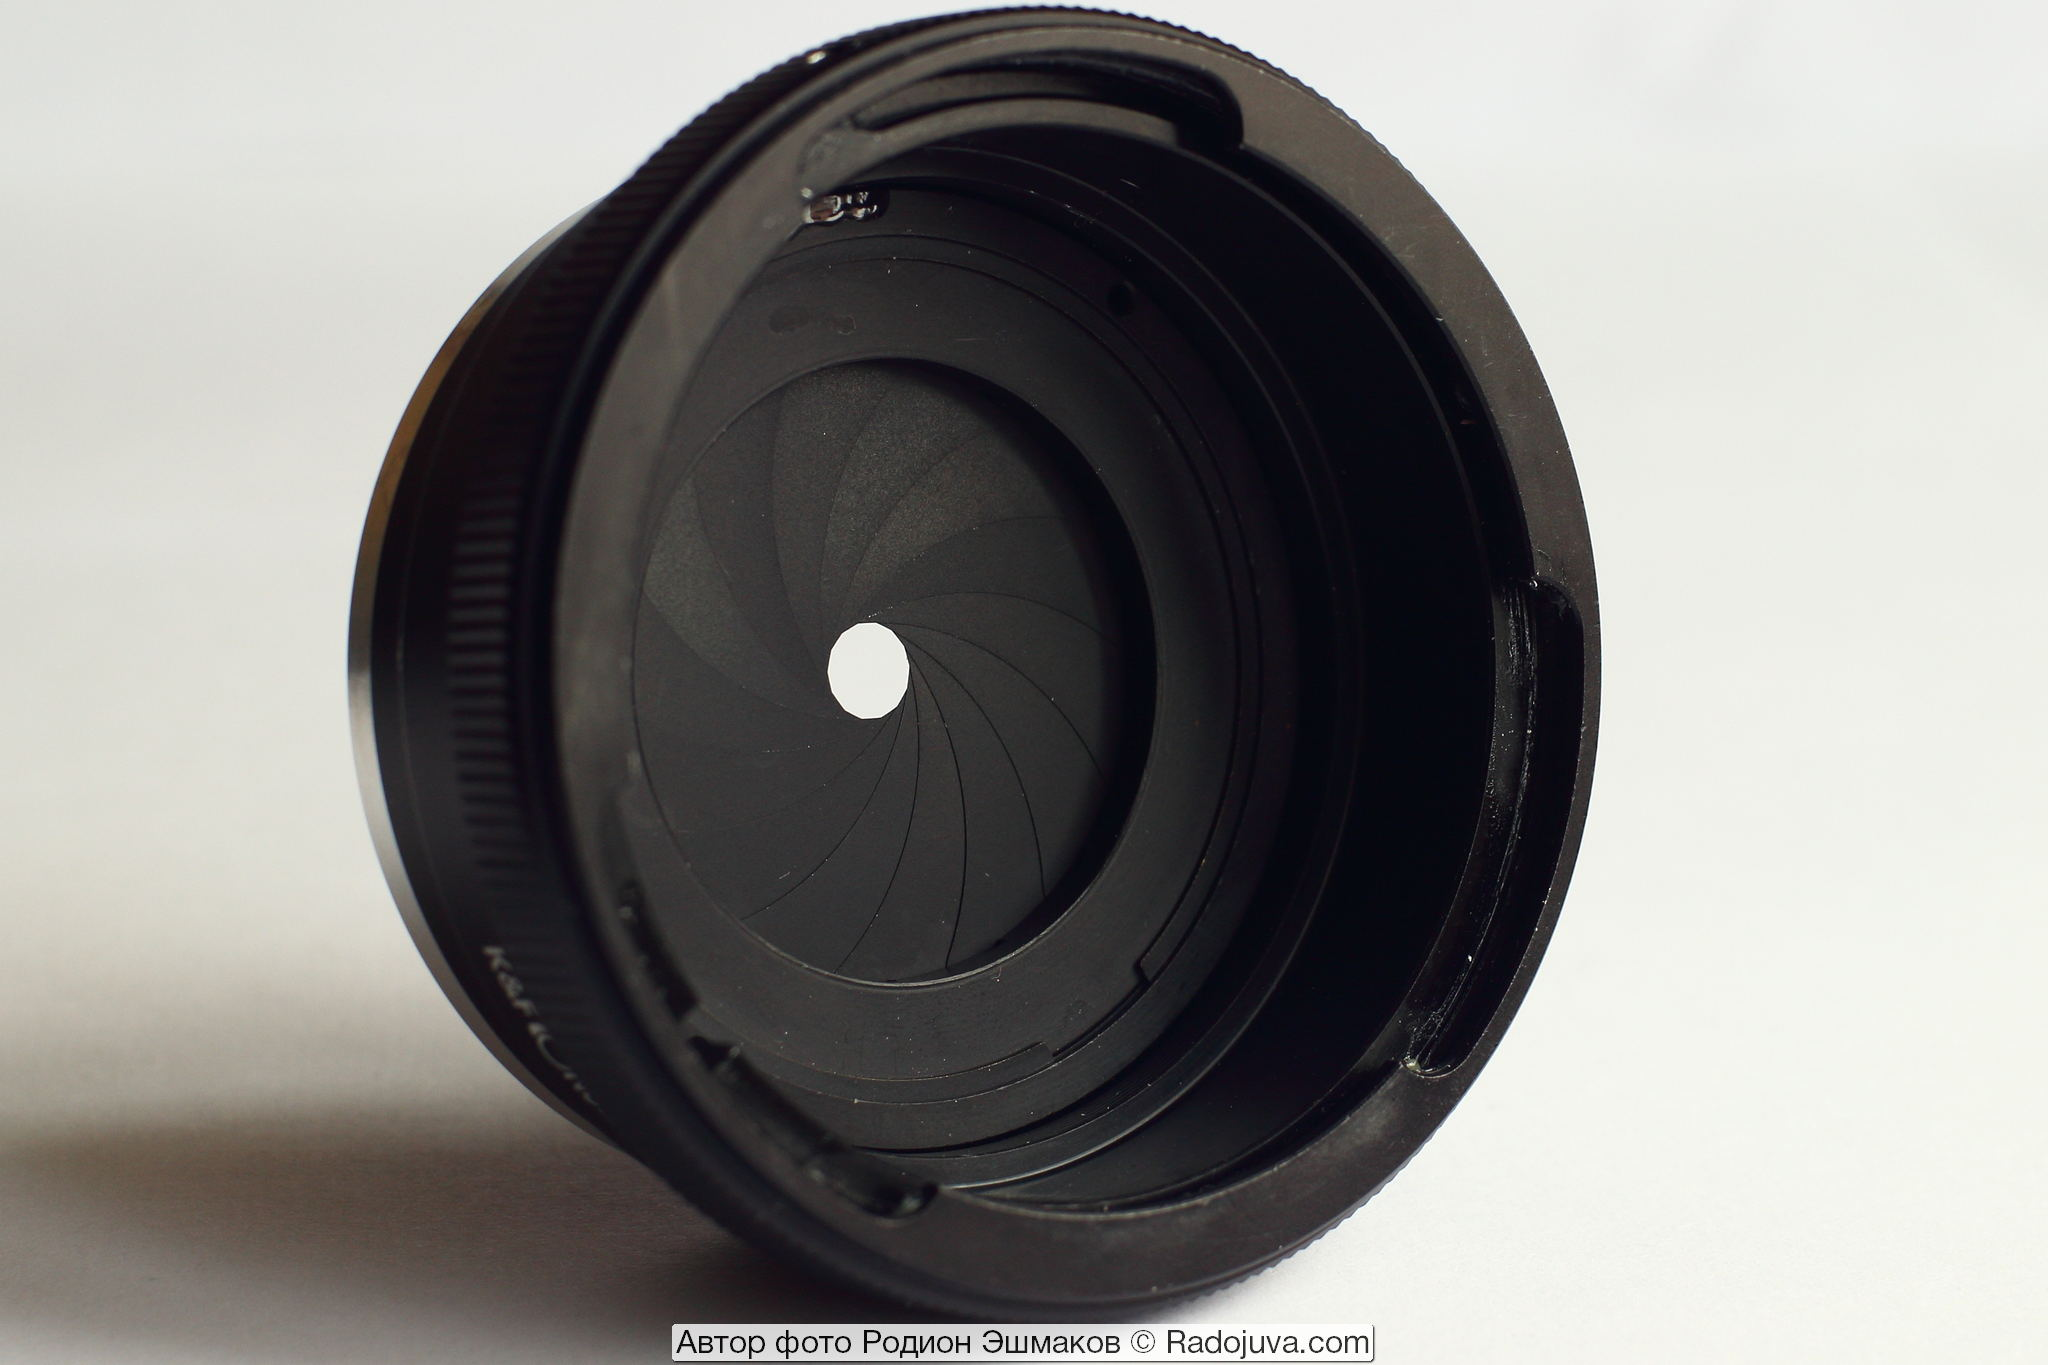 Фото переходника P6-M42 с вмонтированной диафрагмой